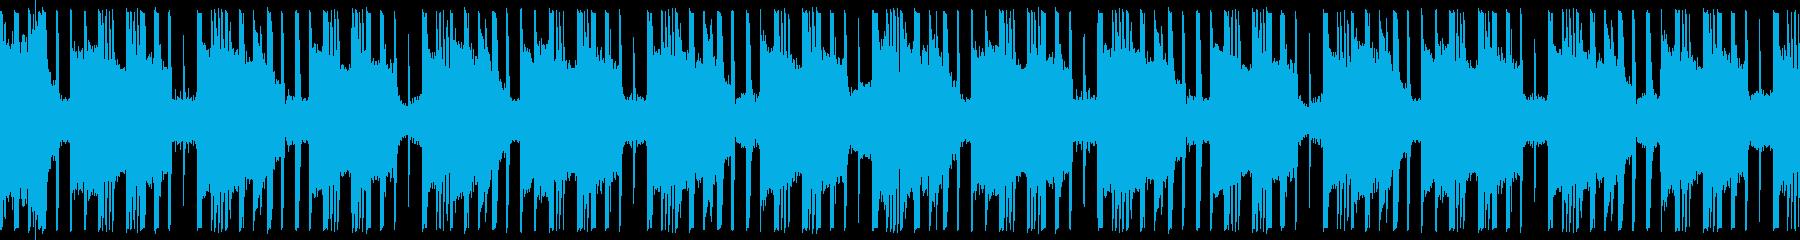 トラップ hiphop ループ仕様 の再生済みの波形